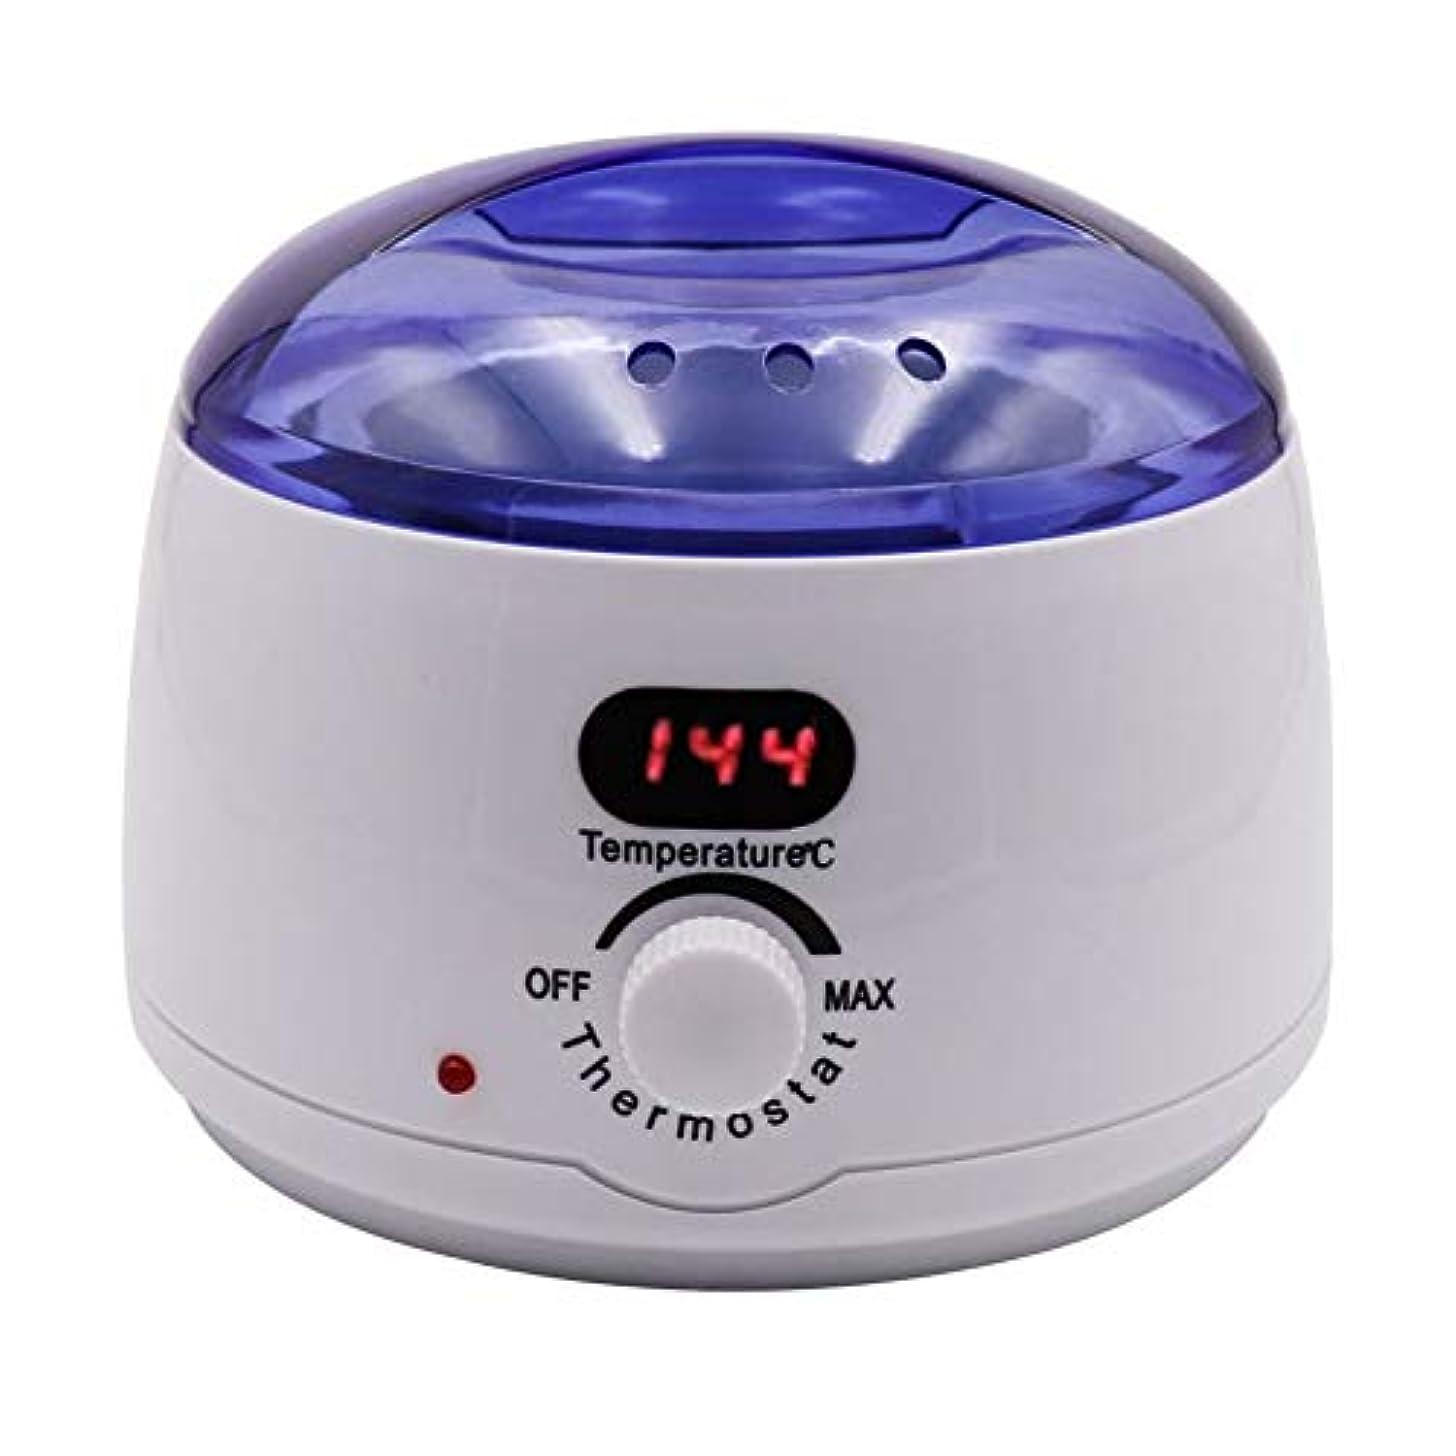 純粋なアグネスグレイエンコミウム脱毛、デジタル表示温度メルティングワックスポットインテリジェント加熱多機能ホームワックスマシン女性/男性500CCのための専門の電気ワックスウォーマーヒーターメルター